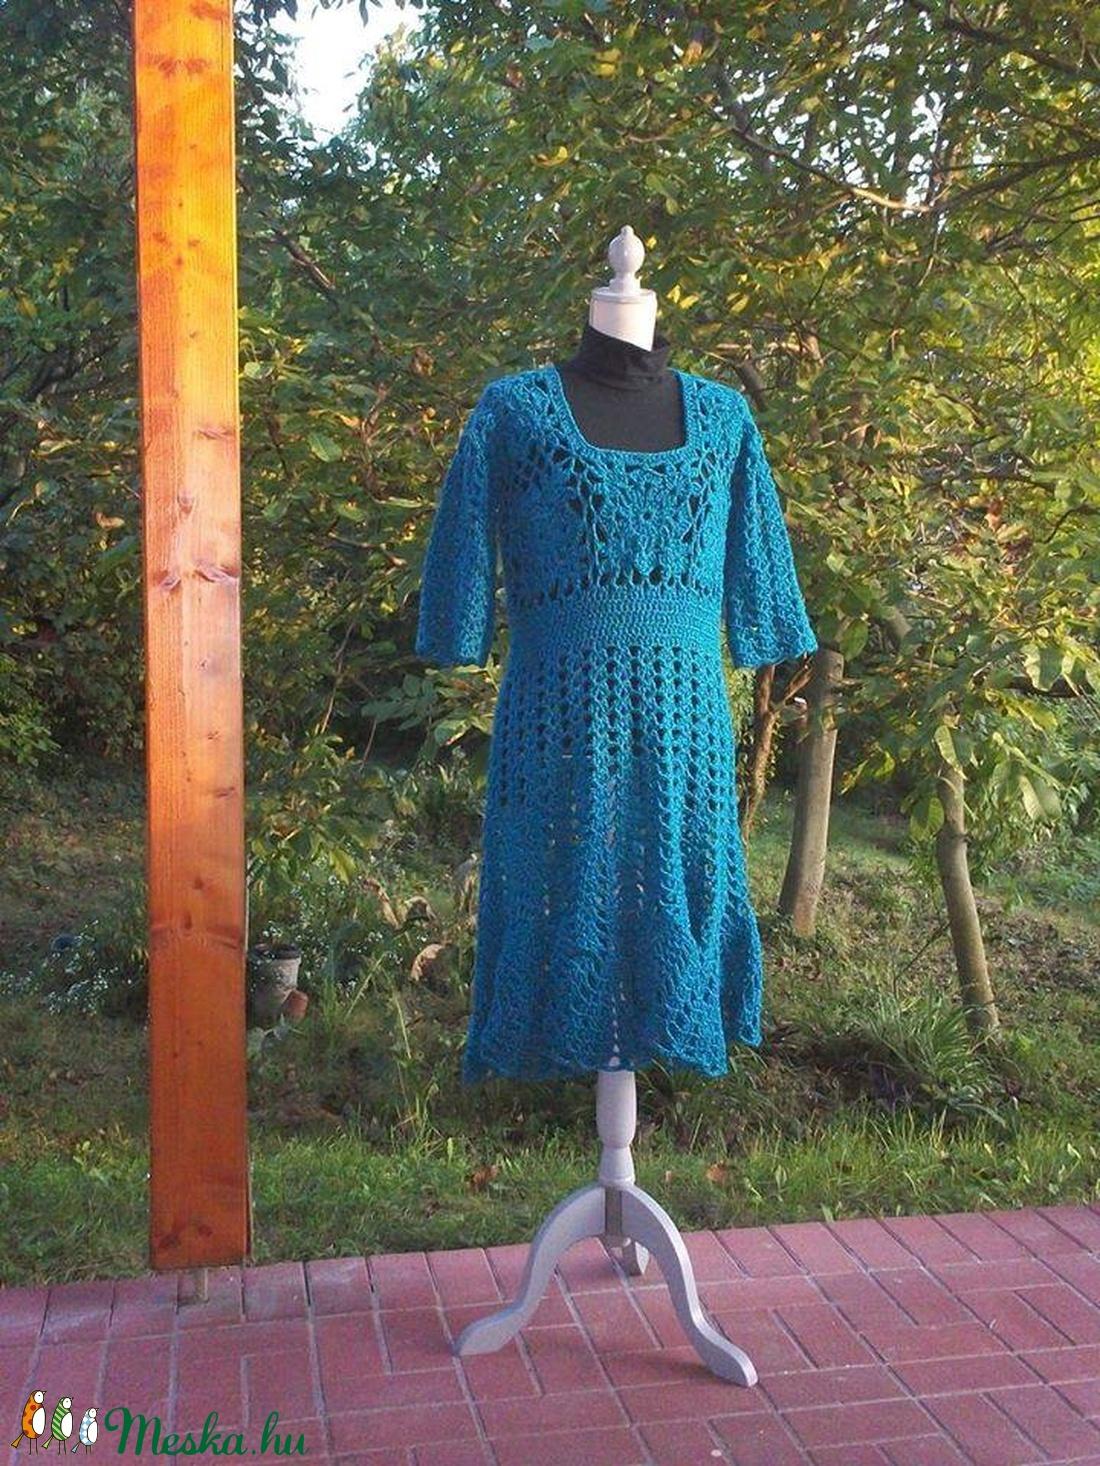 Kékes-zöldes vastag horgolt ruha - ruha & divat - női ruha - ruha - Meska.hu